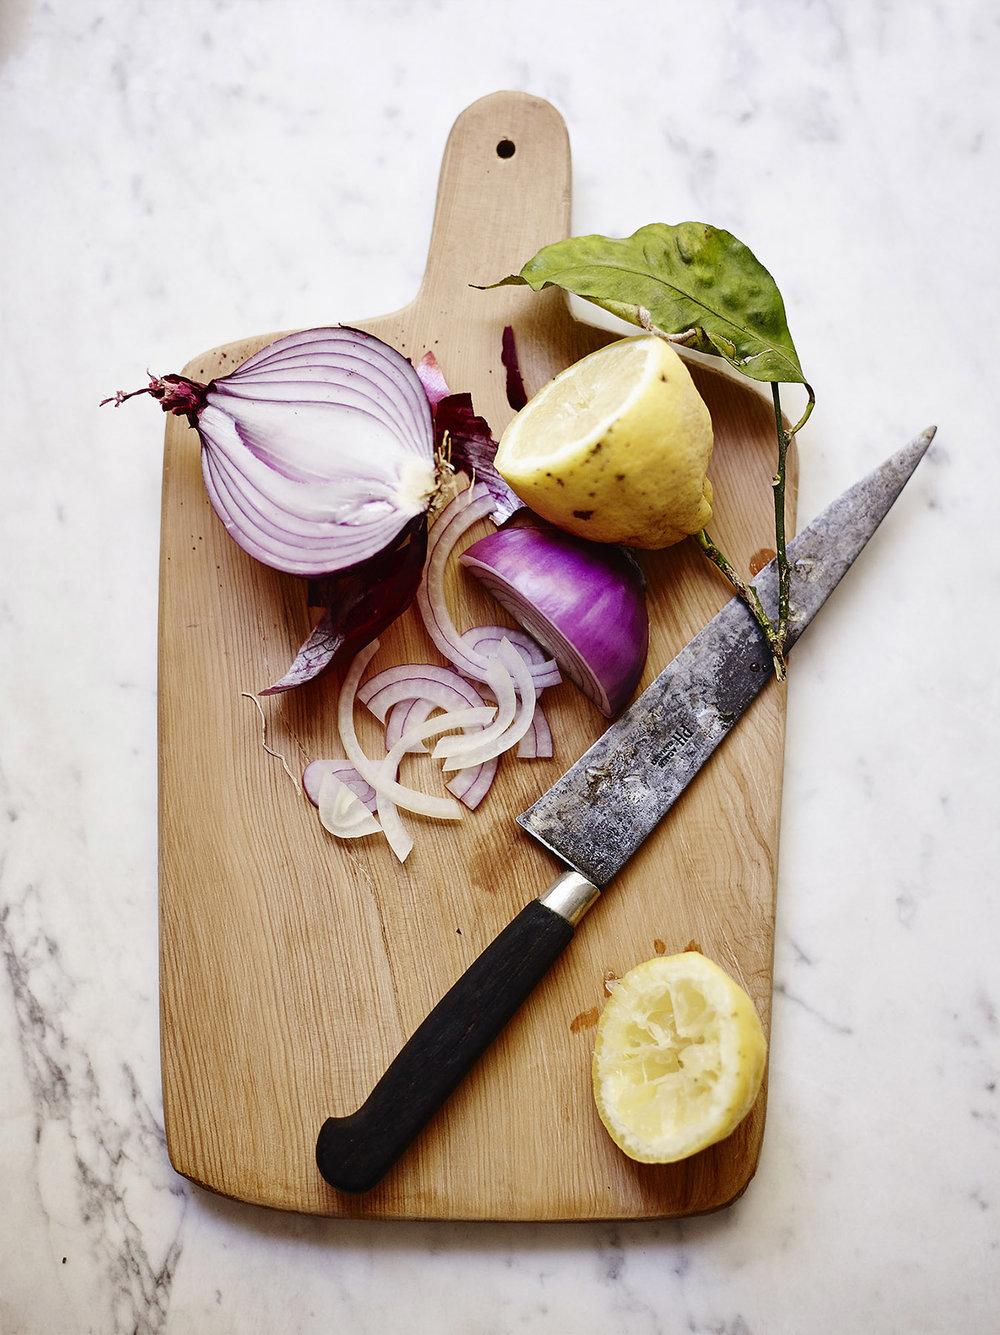 sumac_onion_salad_02.jpg